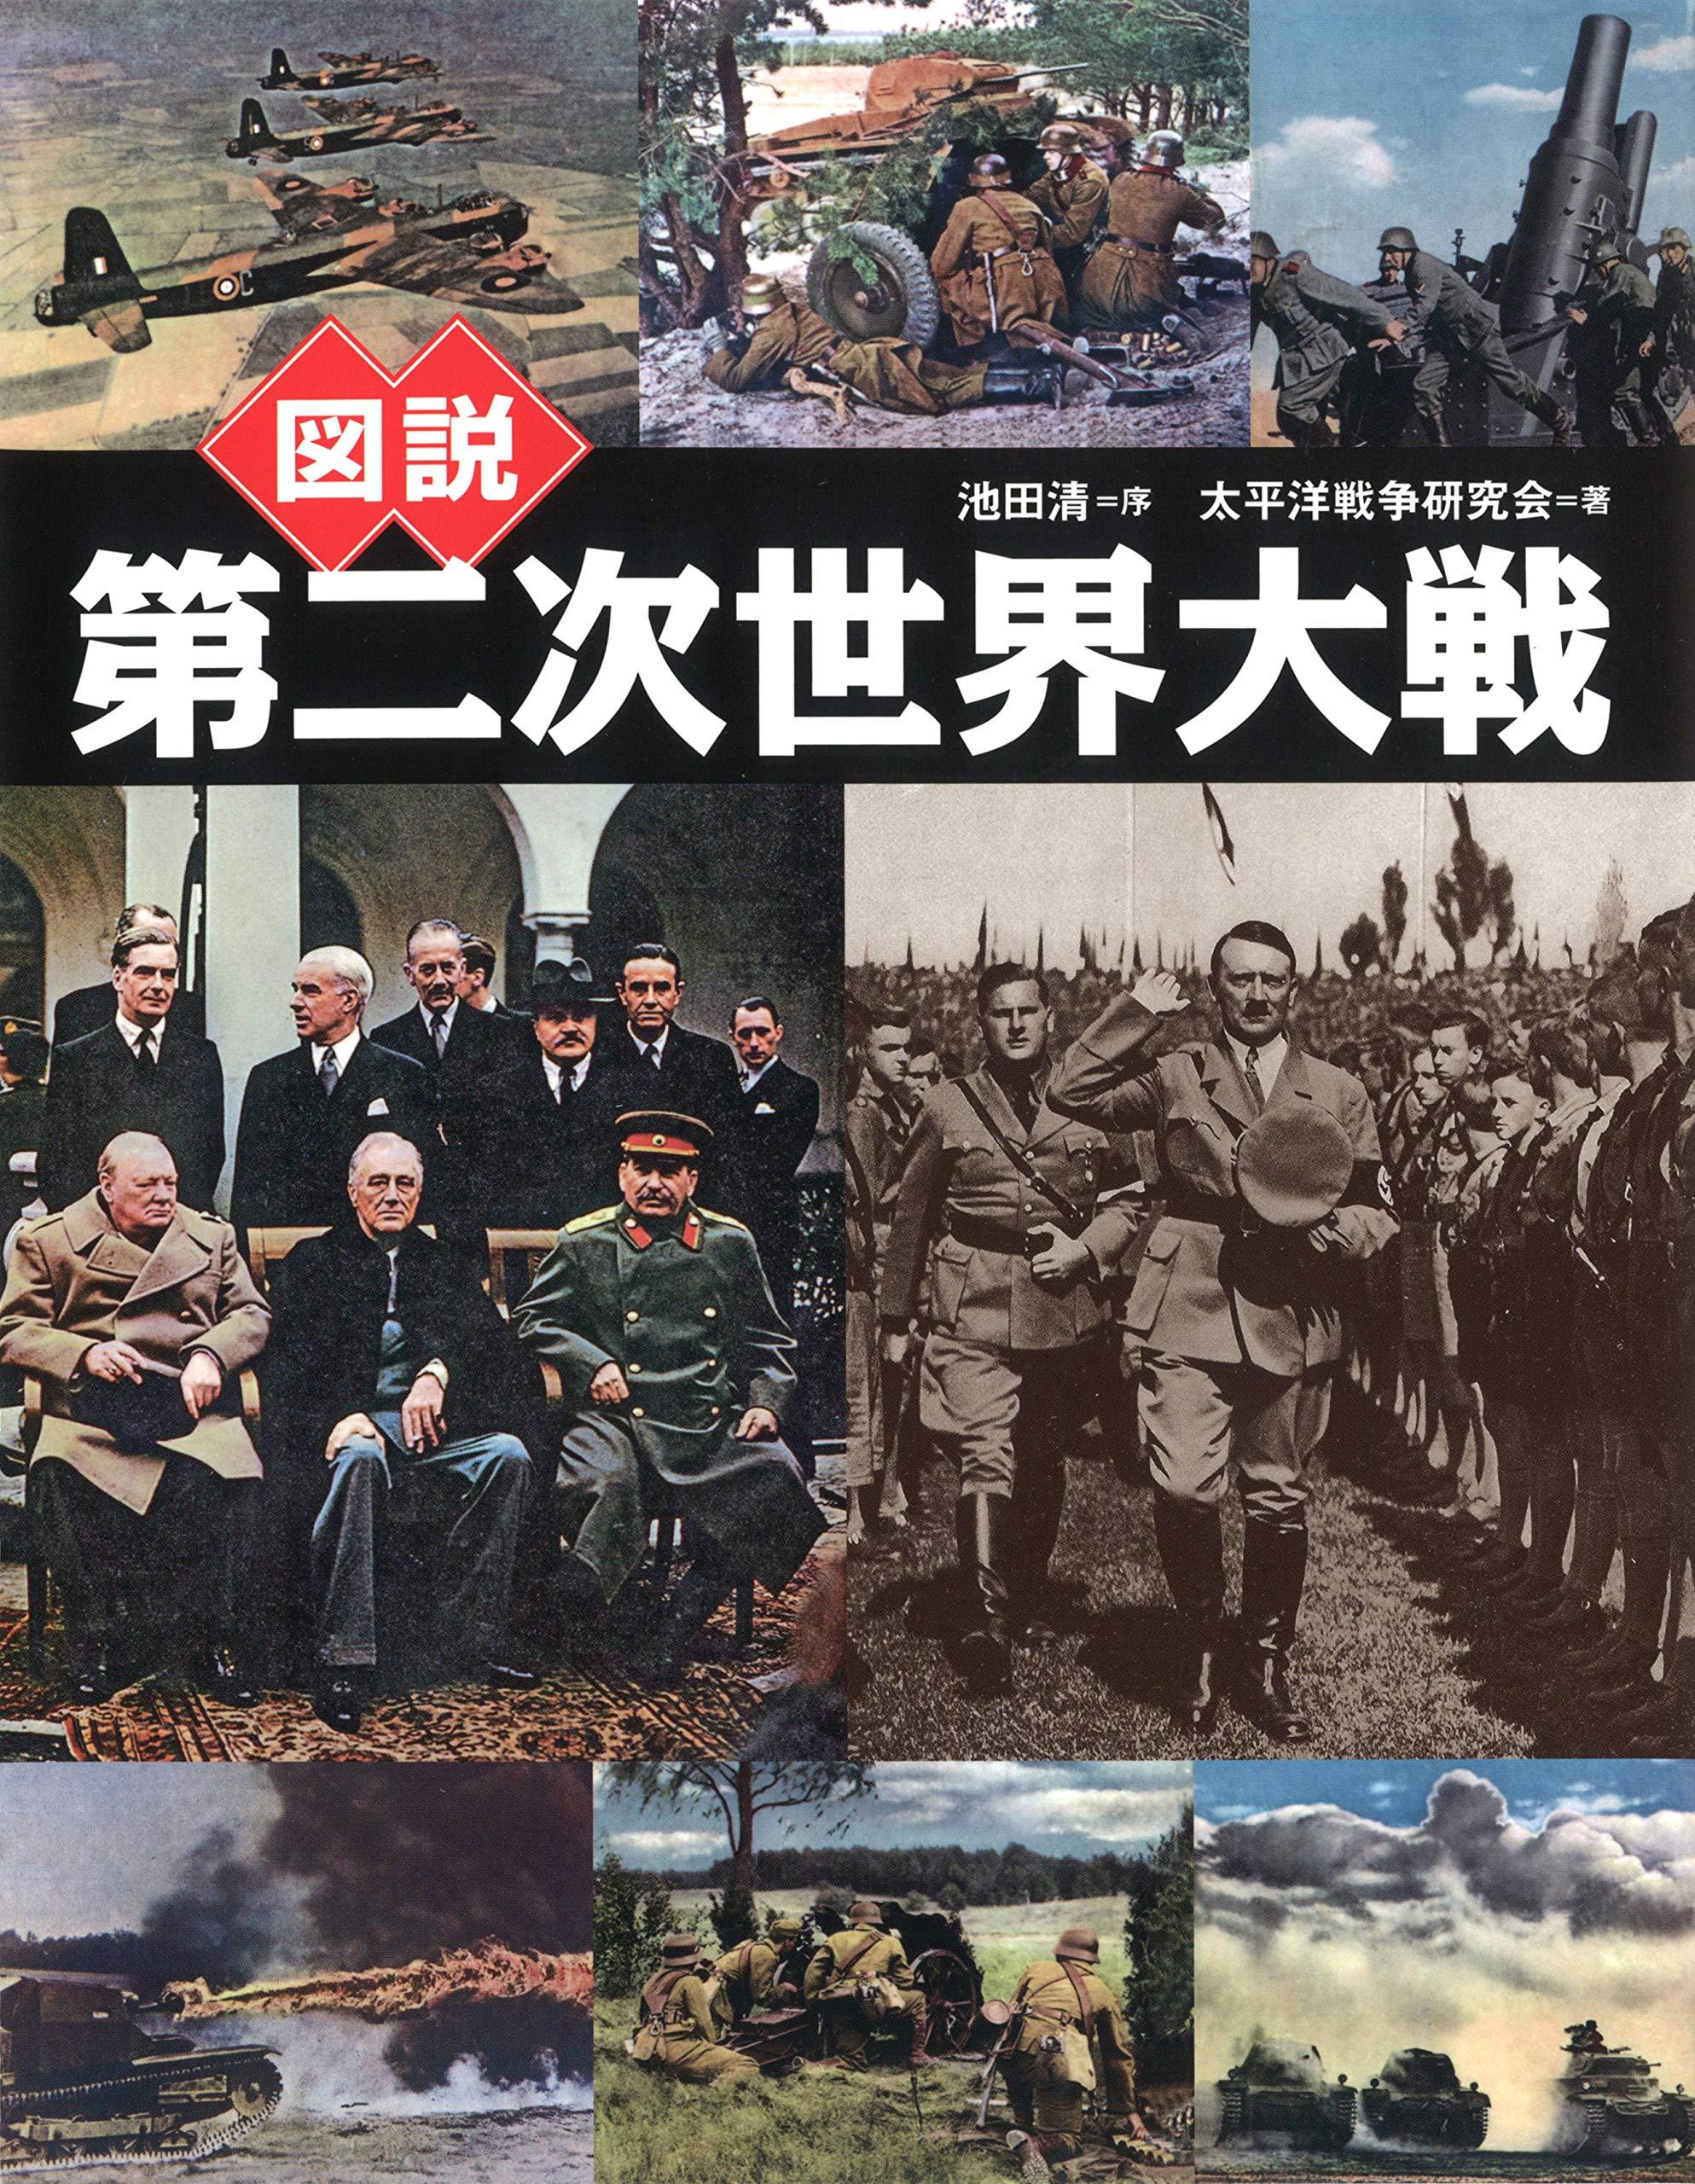 大戦 第 世界 2 次